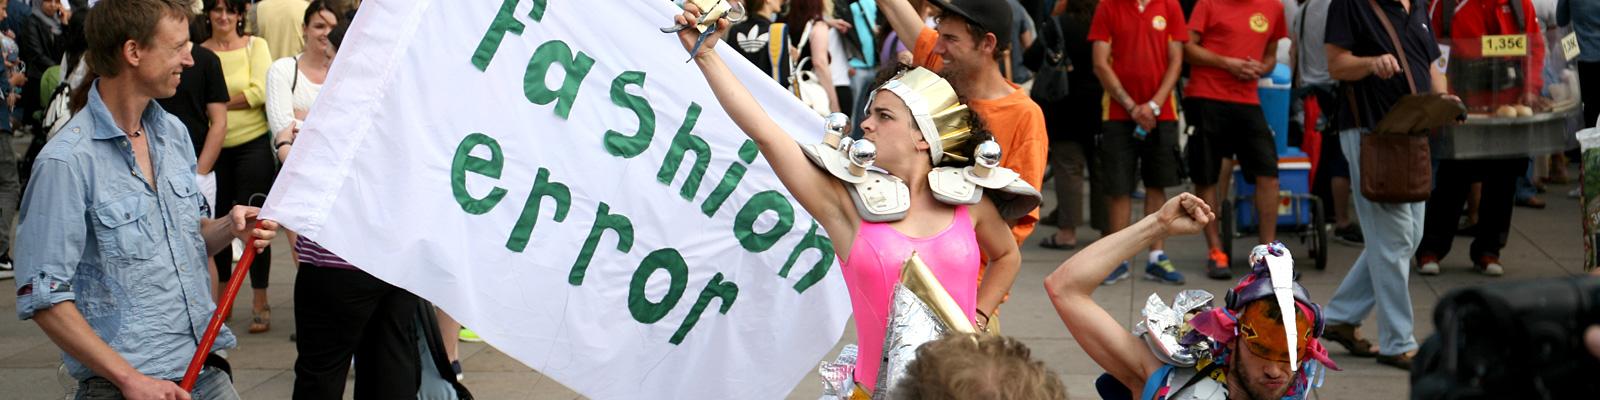 """""""Fashion Error"""" steht auf einem Plakat einer Demo."""